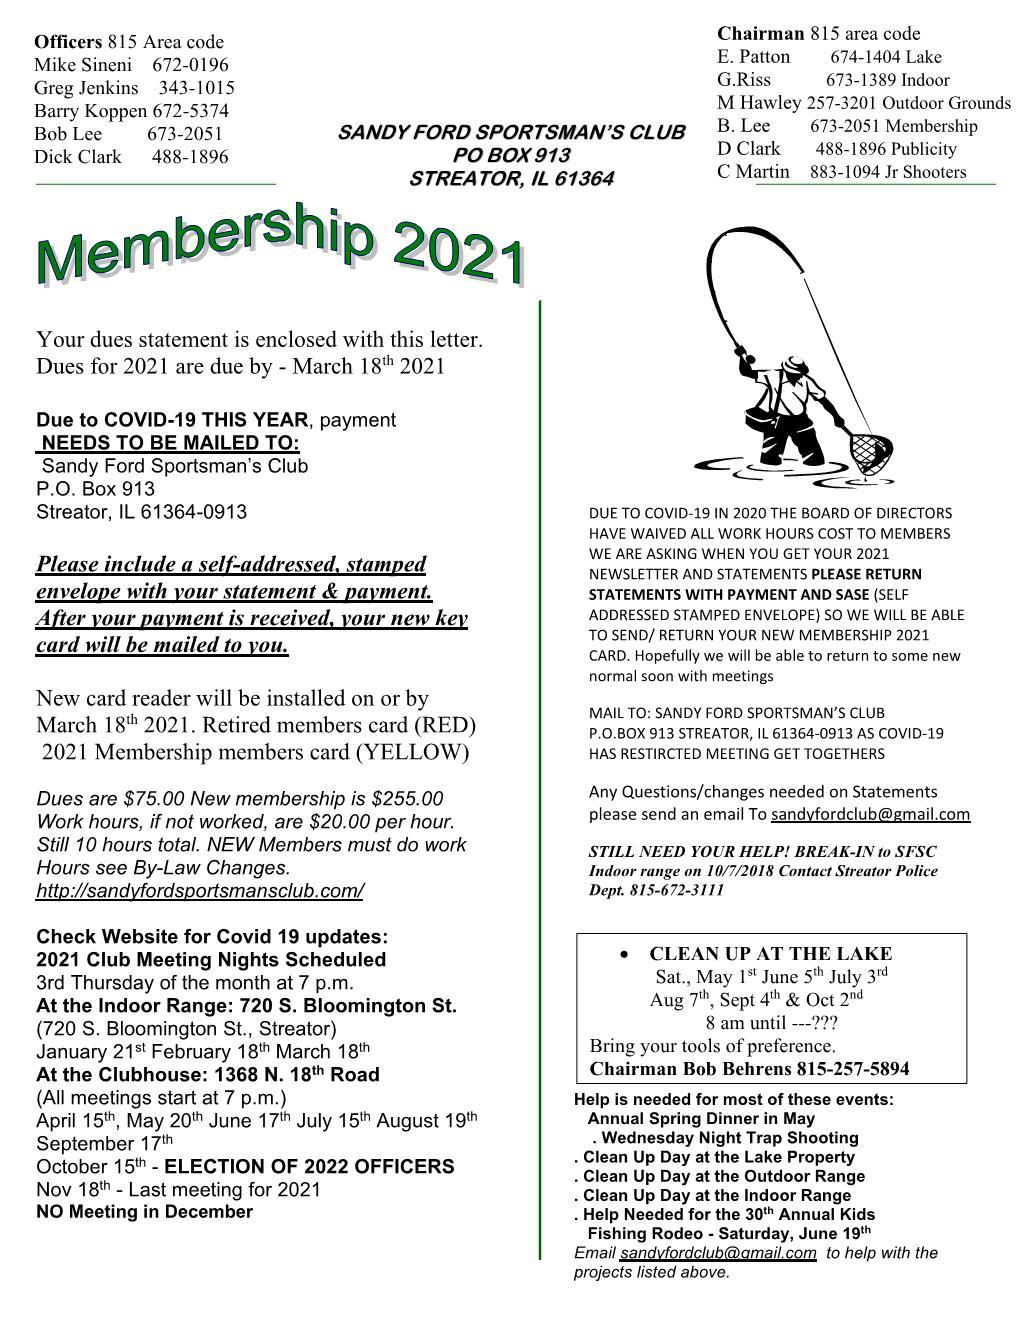 Membership 2021-1 send newsletter-1